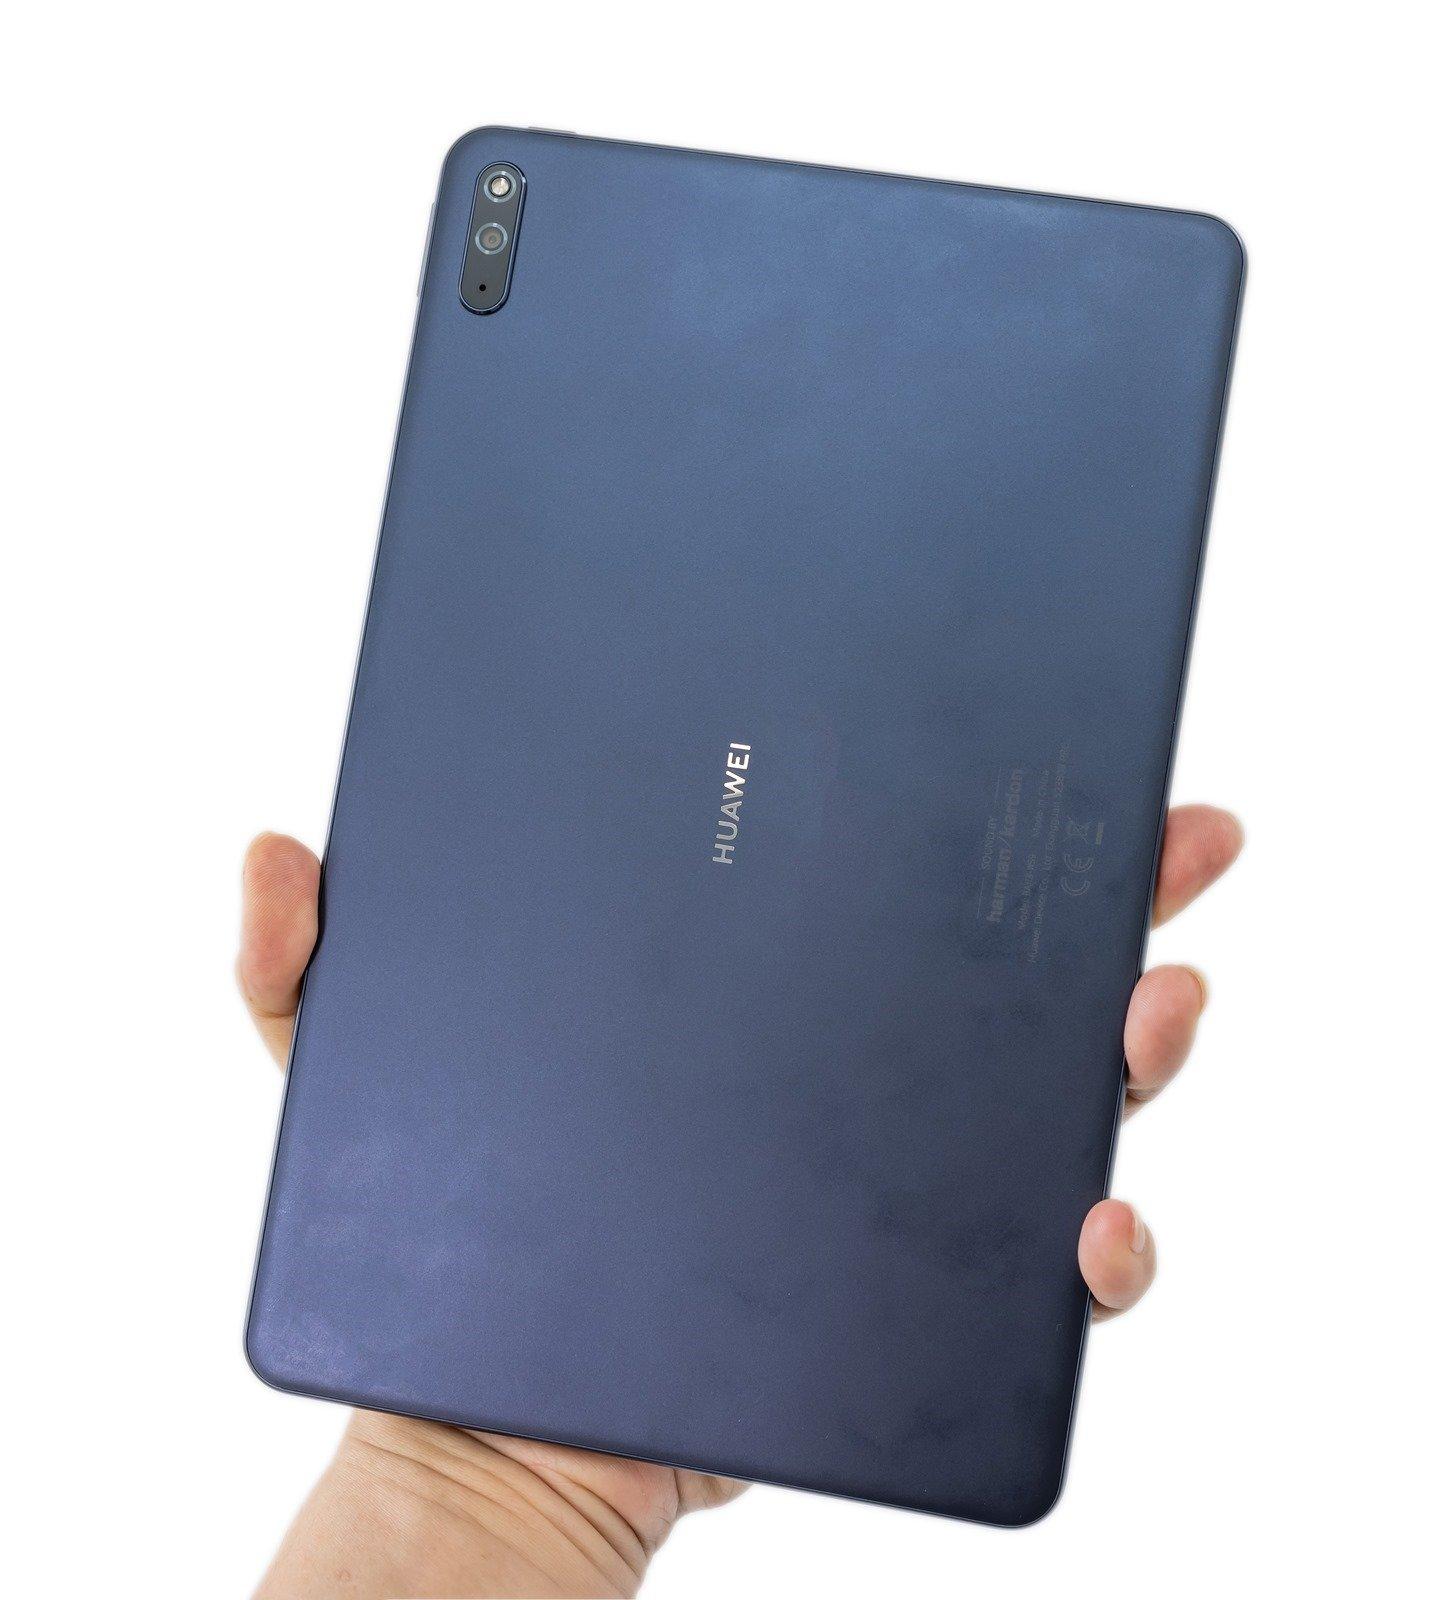 全家都適用的全能平板 HUAWEI MatePad!開箱動手玩 / 性能電力測試 / 相機實拍分享 @3C 達人廖阿輝